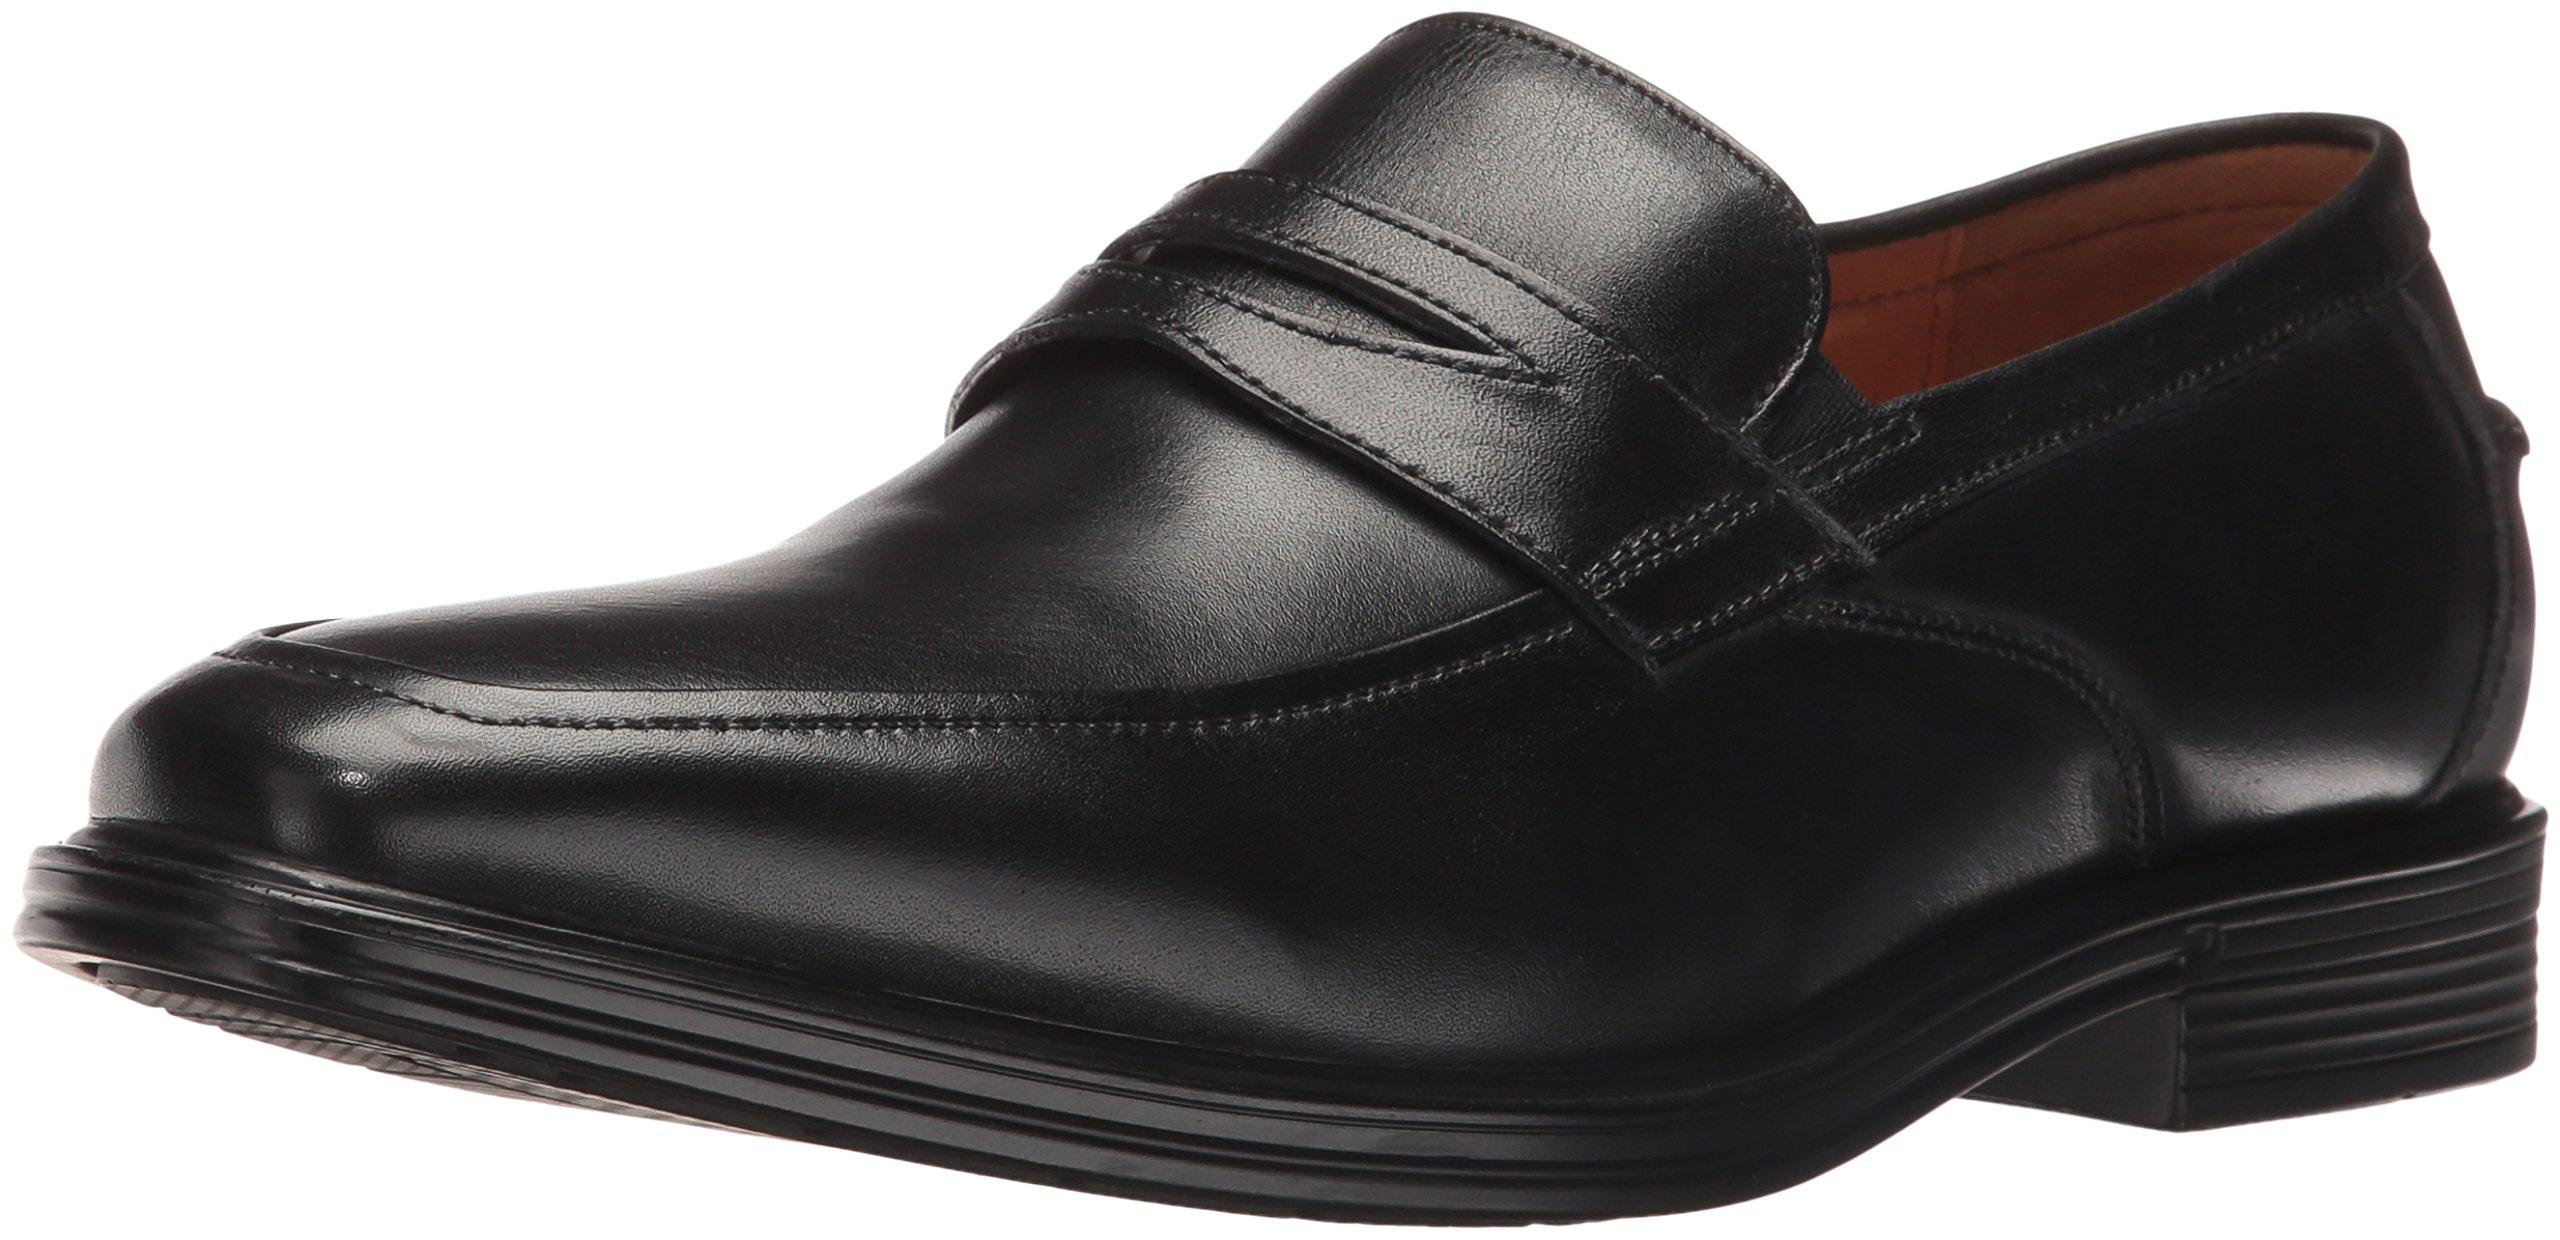 Florsheim Men's Holtyn Slip On Penny Loafer, Black, 10 D US